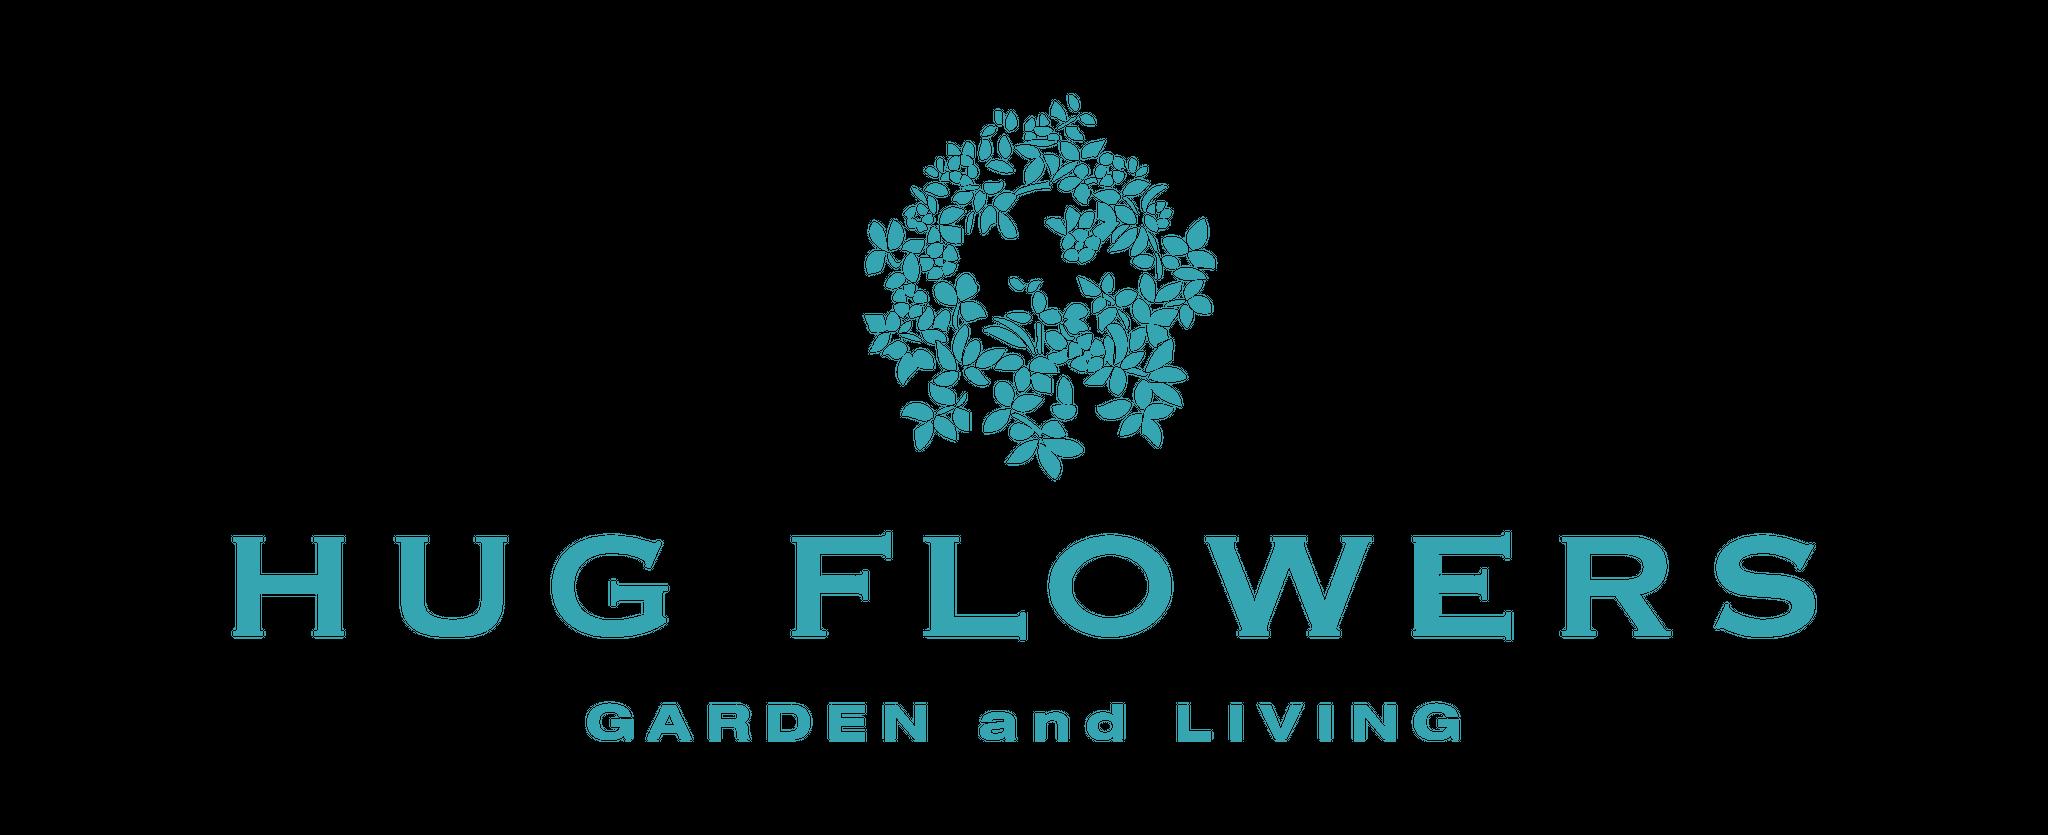 札幌 4プラの花屋HUG FLOWERS | 通販サイト 花のプレゼント ギフトフラワー | 北海道札幌お花の宅配・配送